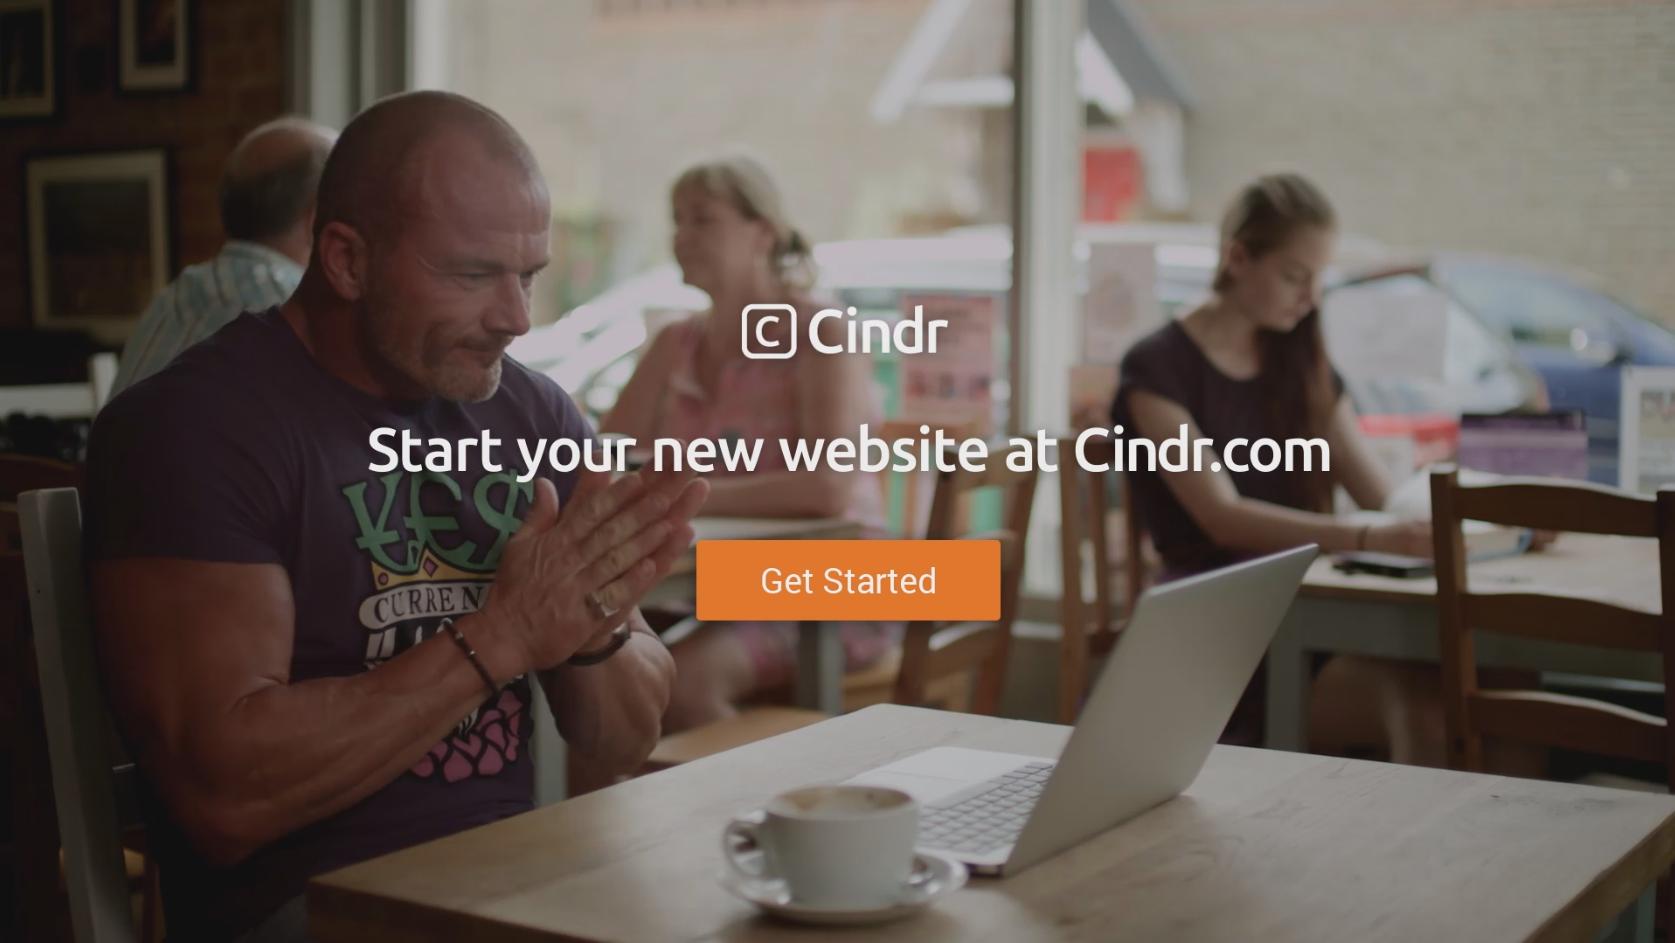 Cindr,  I'm a Web Builder